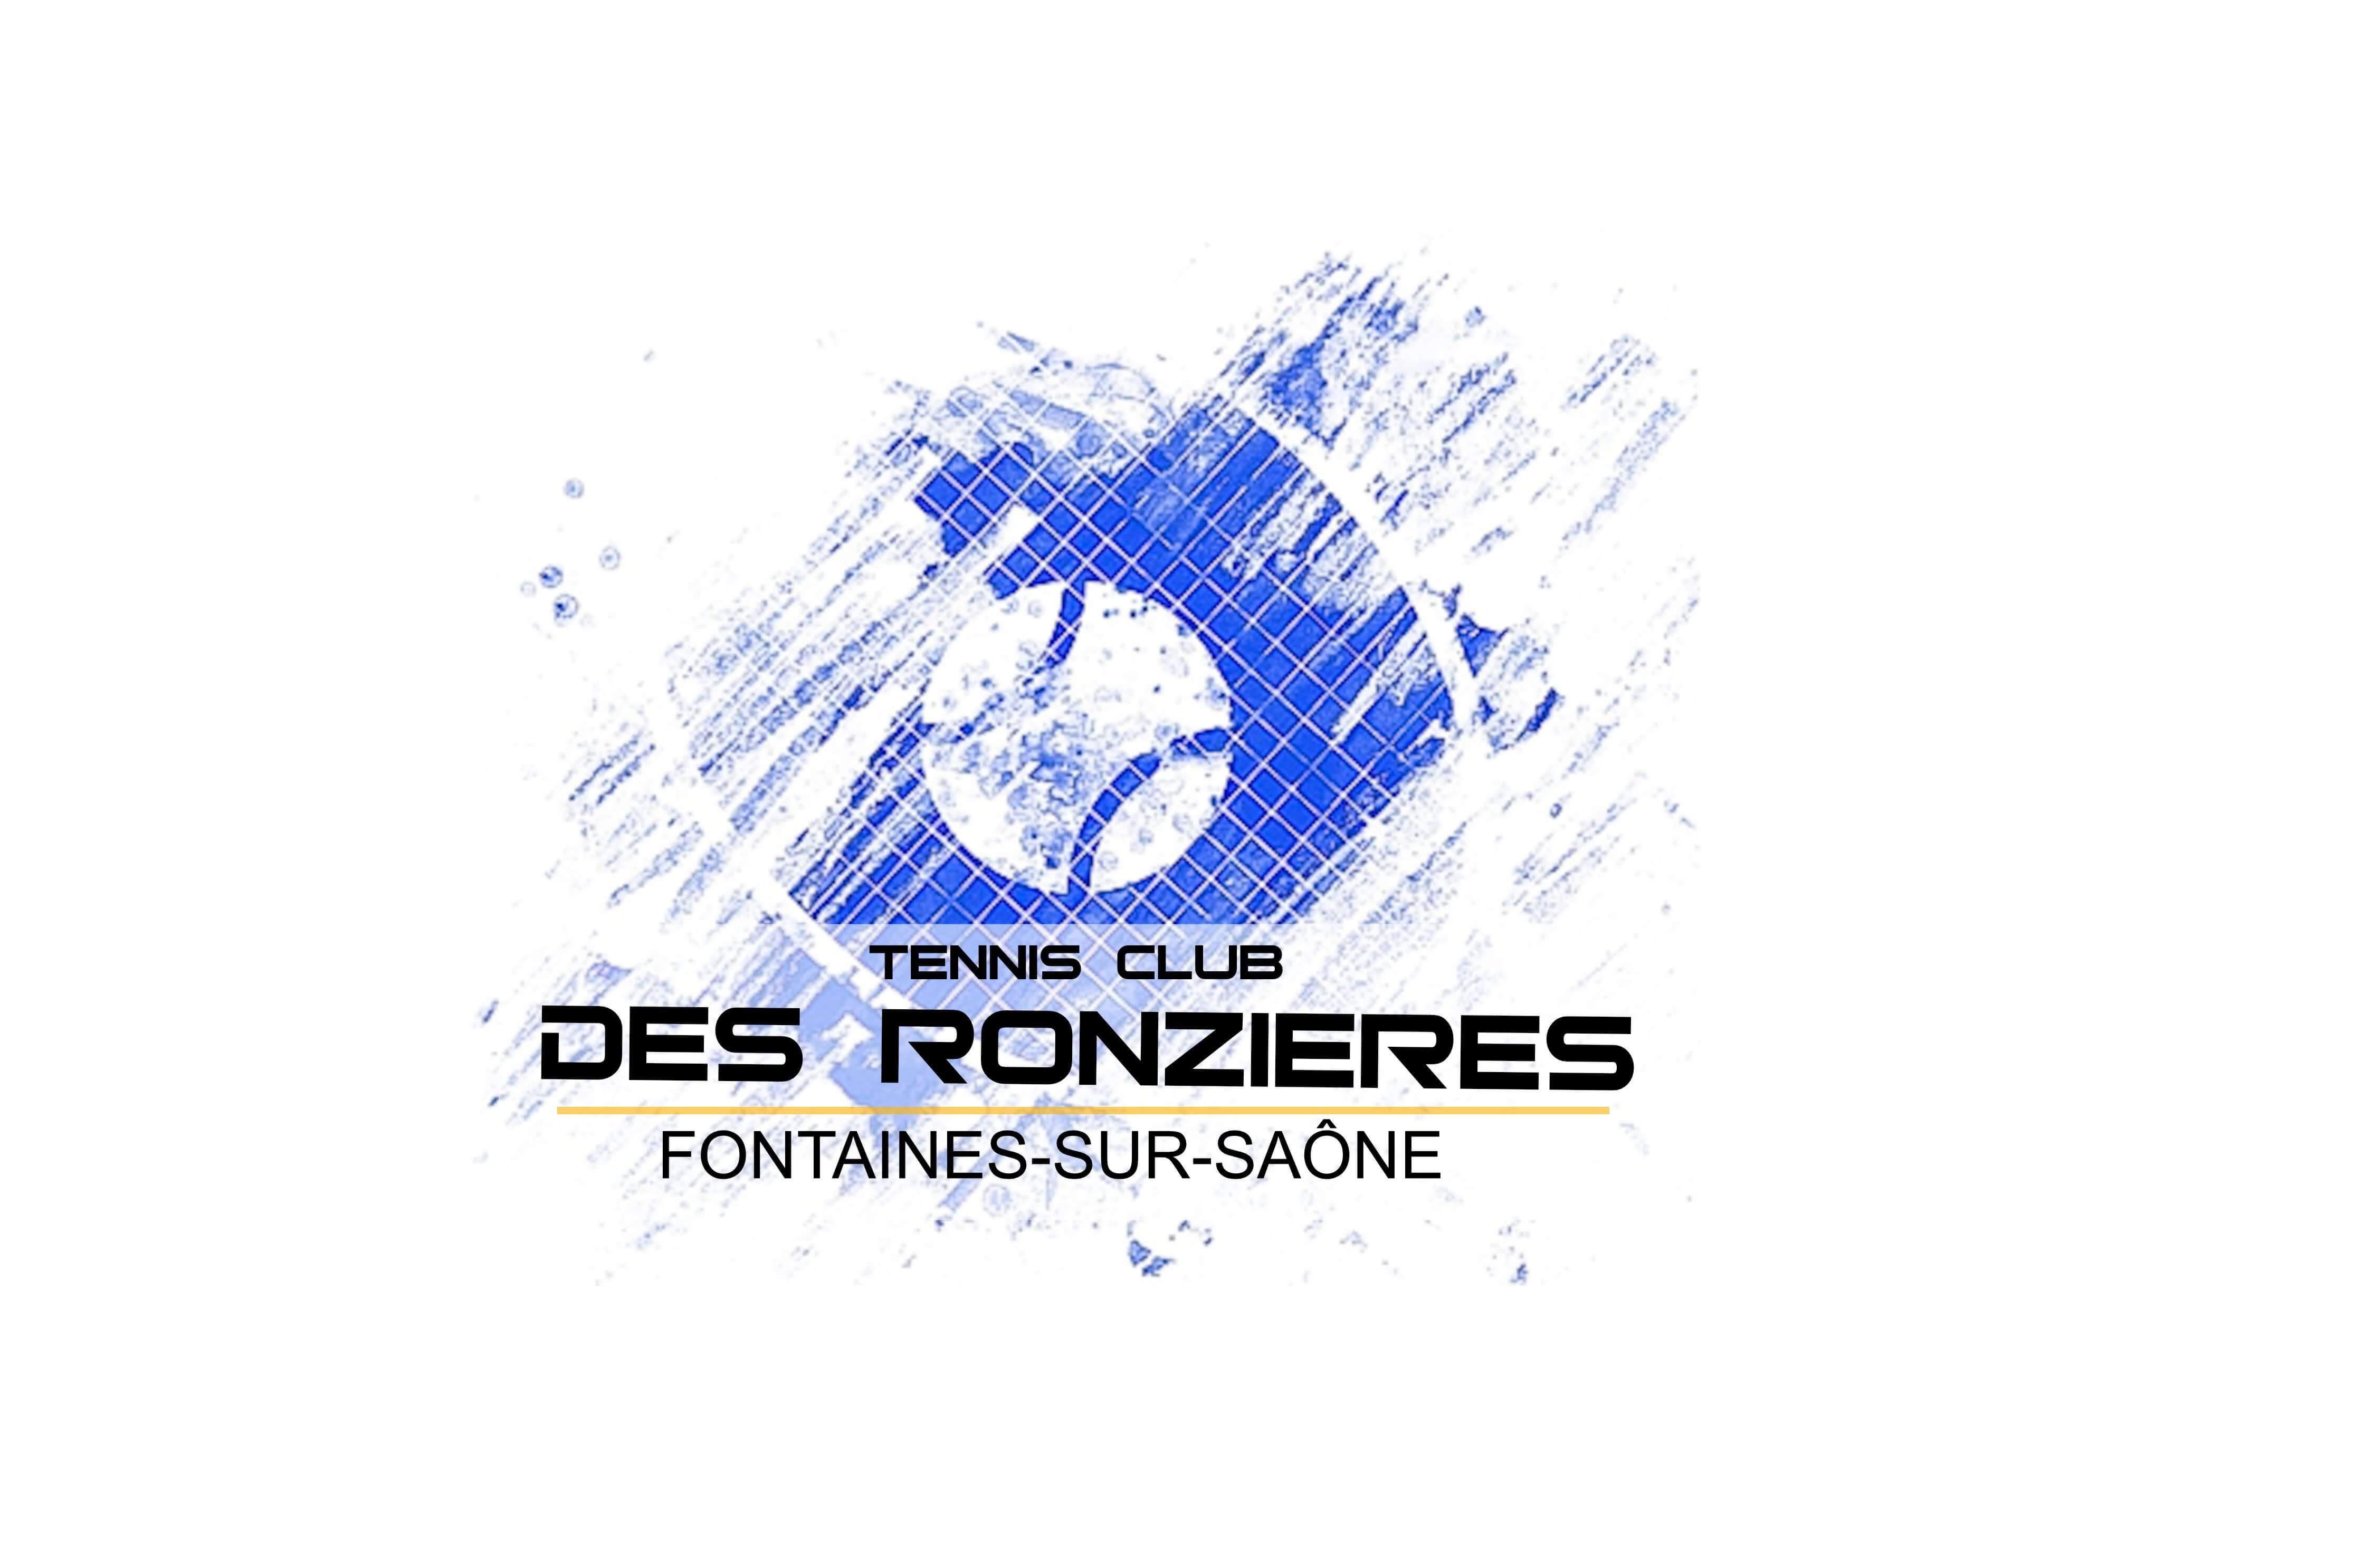 Tennis Club des Ronzieres